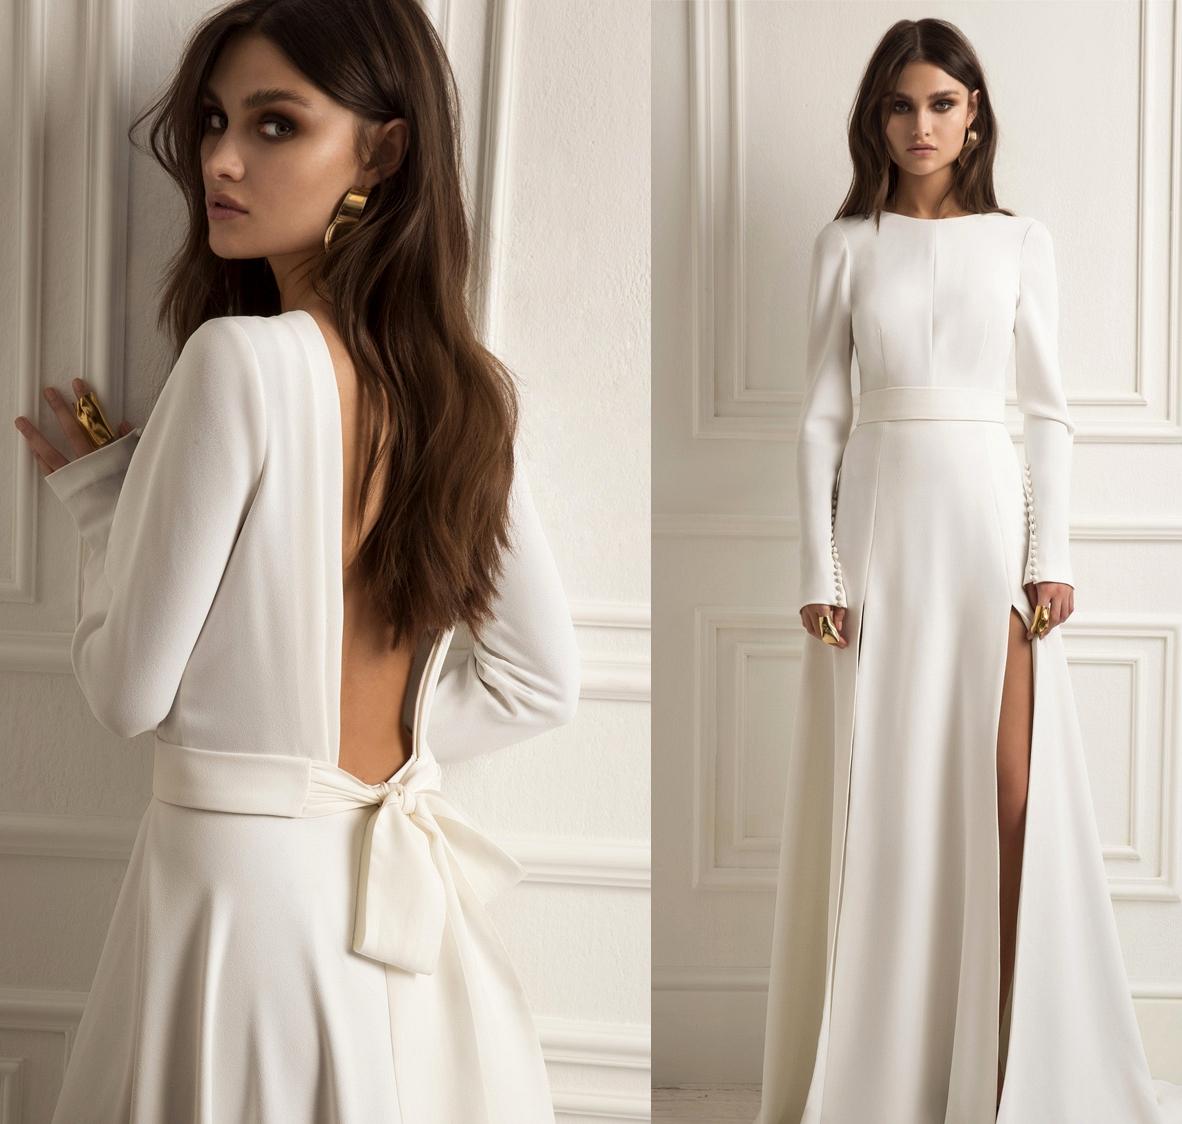 Charlotte dress from Lihi Hod